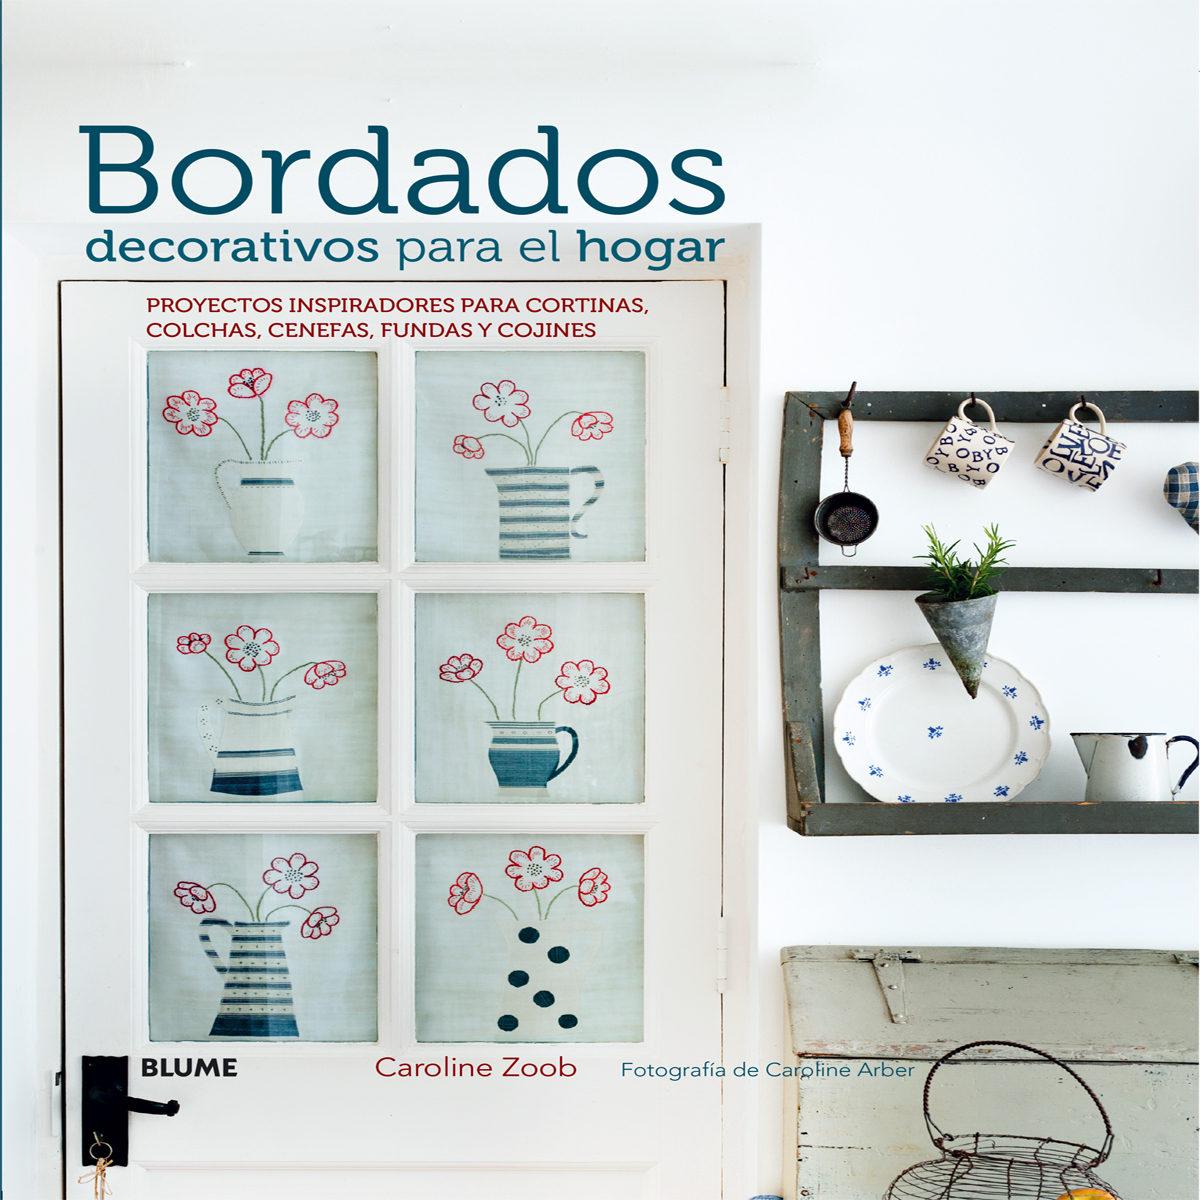 Bordados decorativos para el hogar. proyectos inspiradores para cortinas, colchas, cenefas, fundas y cojines caroline zoob